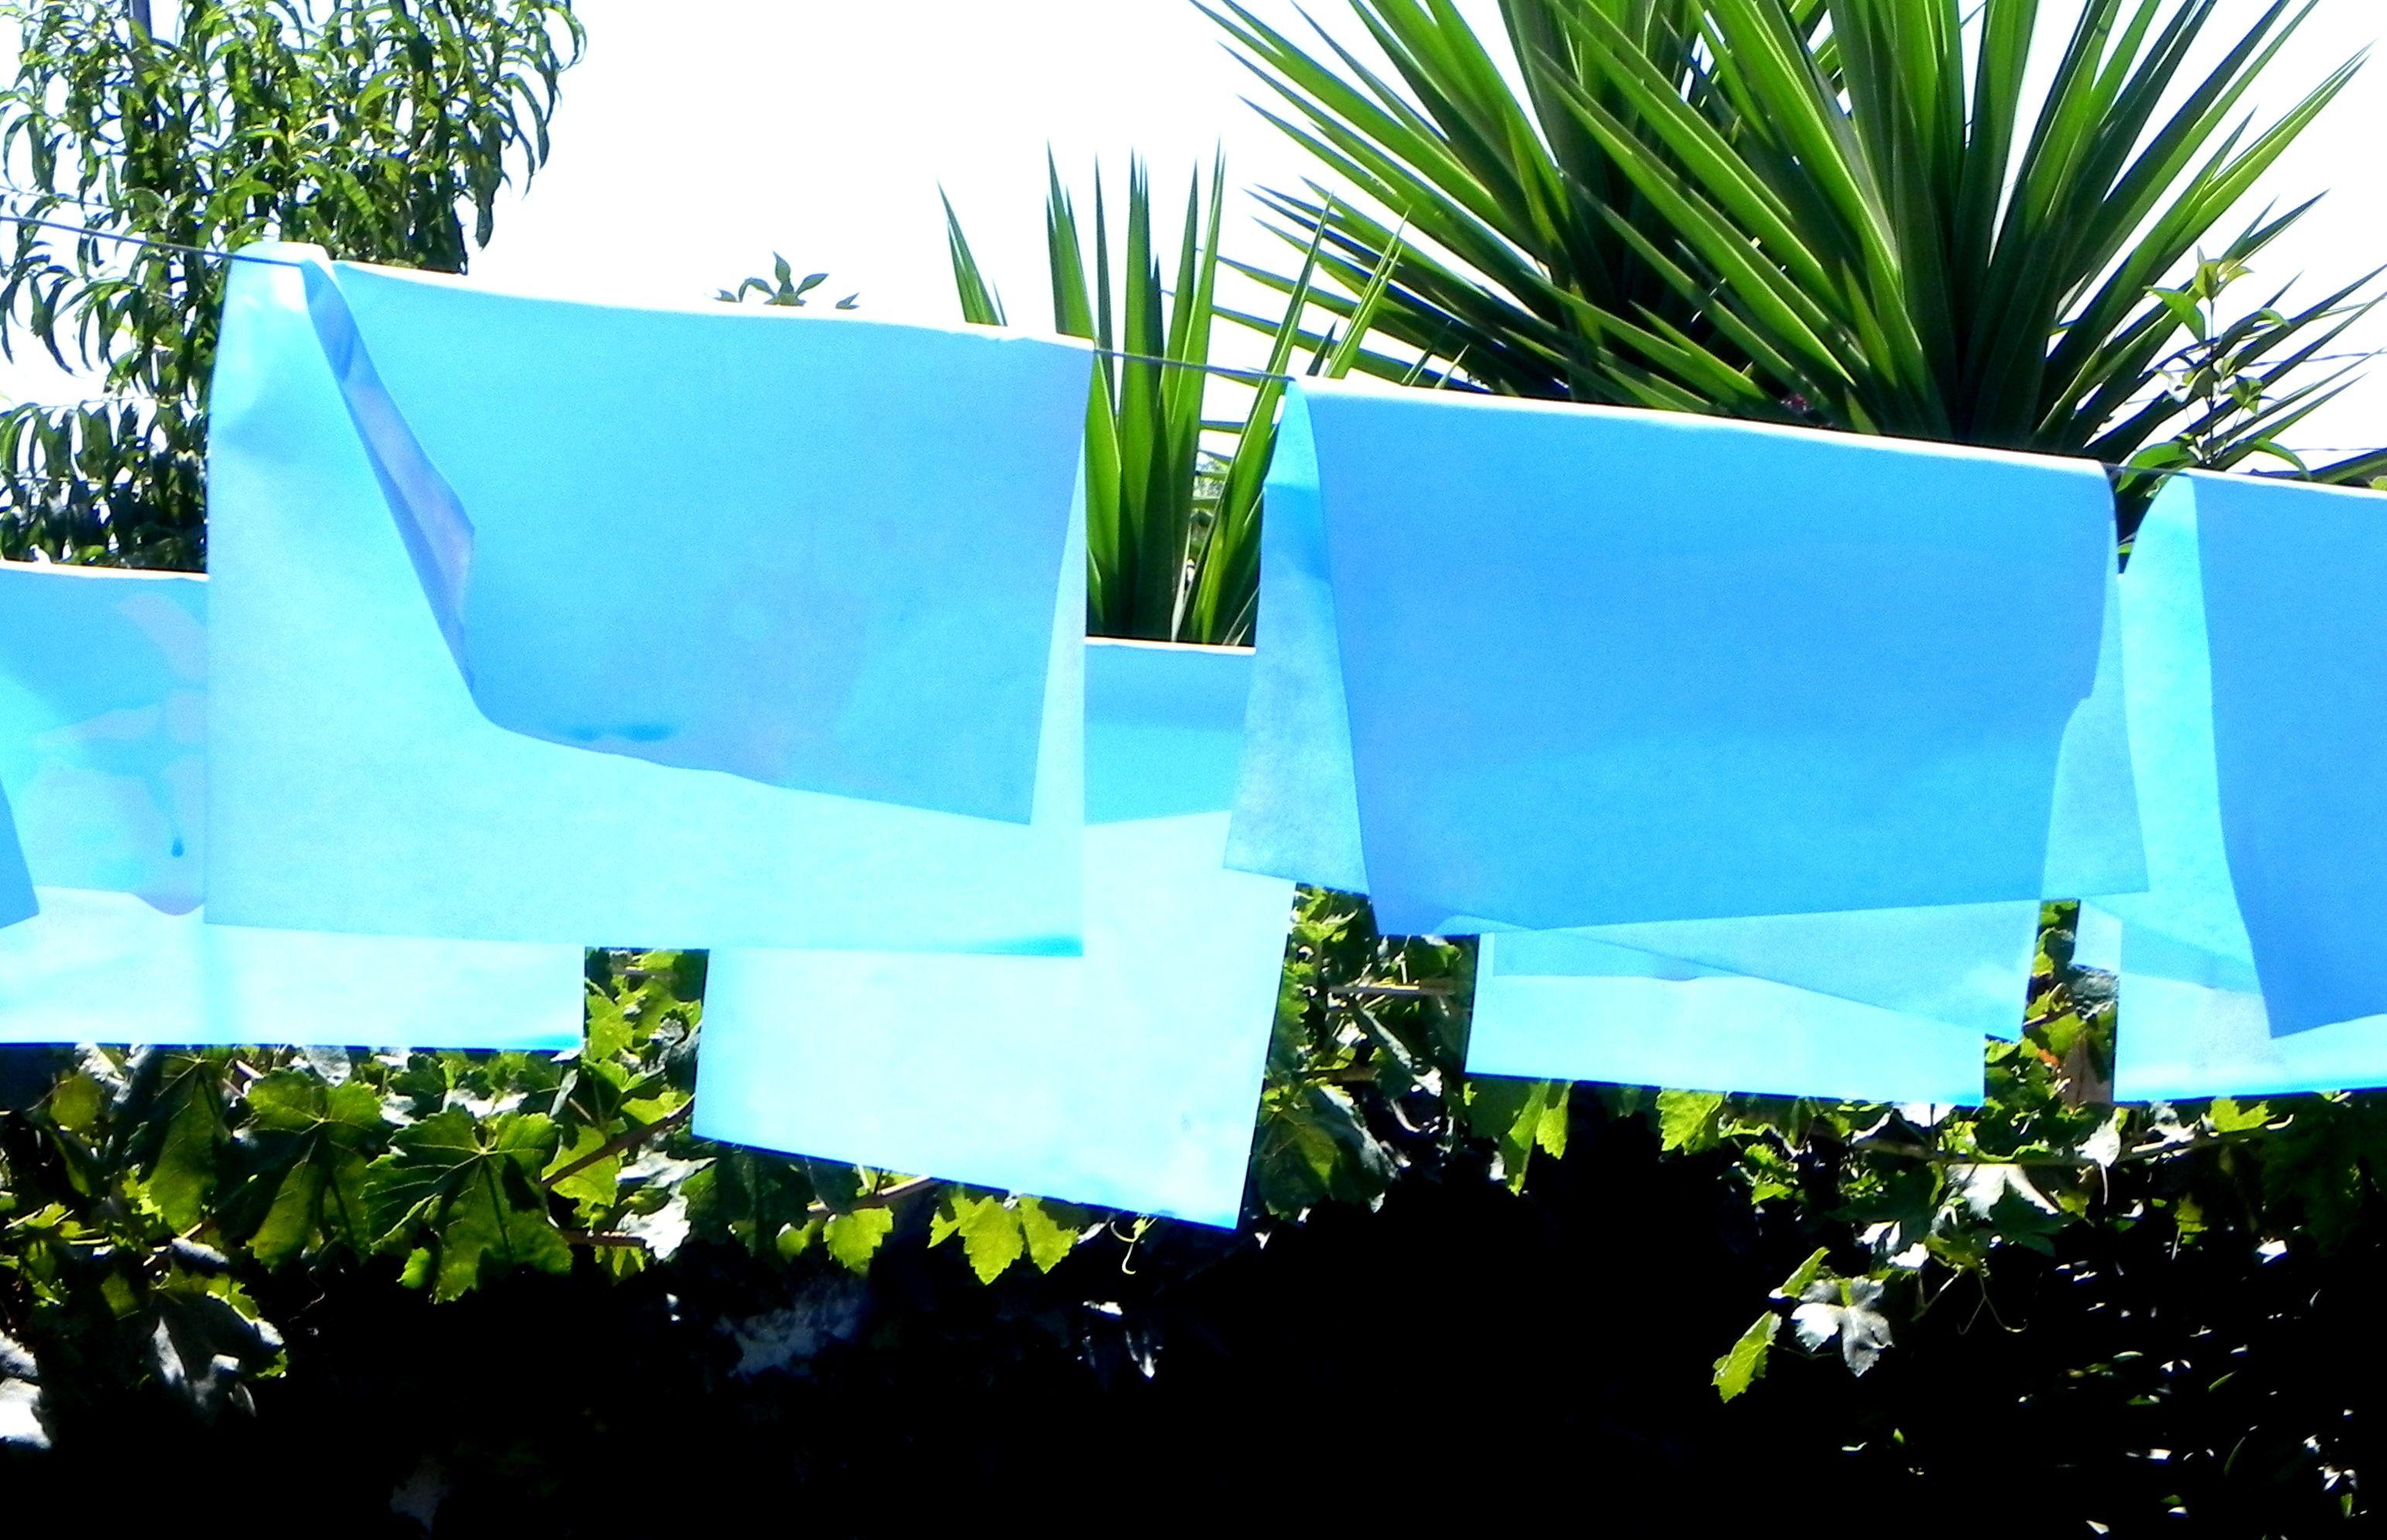 papel teñido a mano con tinta de impresora disuelta en agua  (secandose al sol)